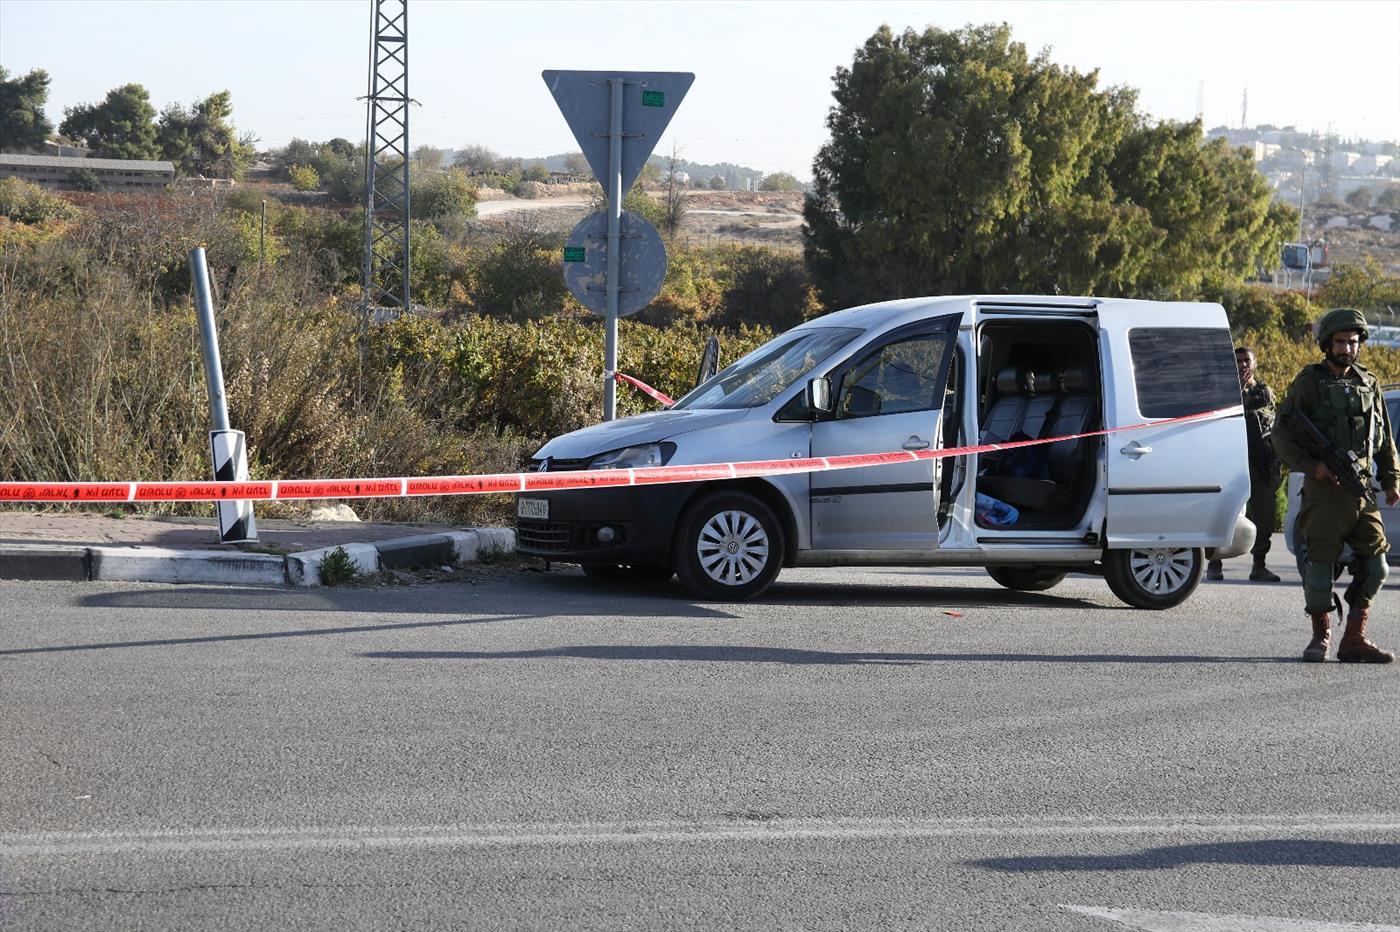 פיגוע הדריסה בגוש עציון. צילום: יוסף מזרחי TPS